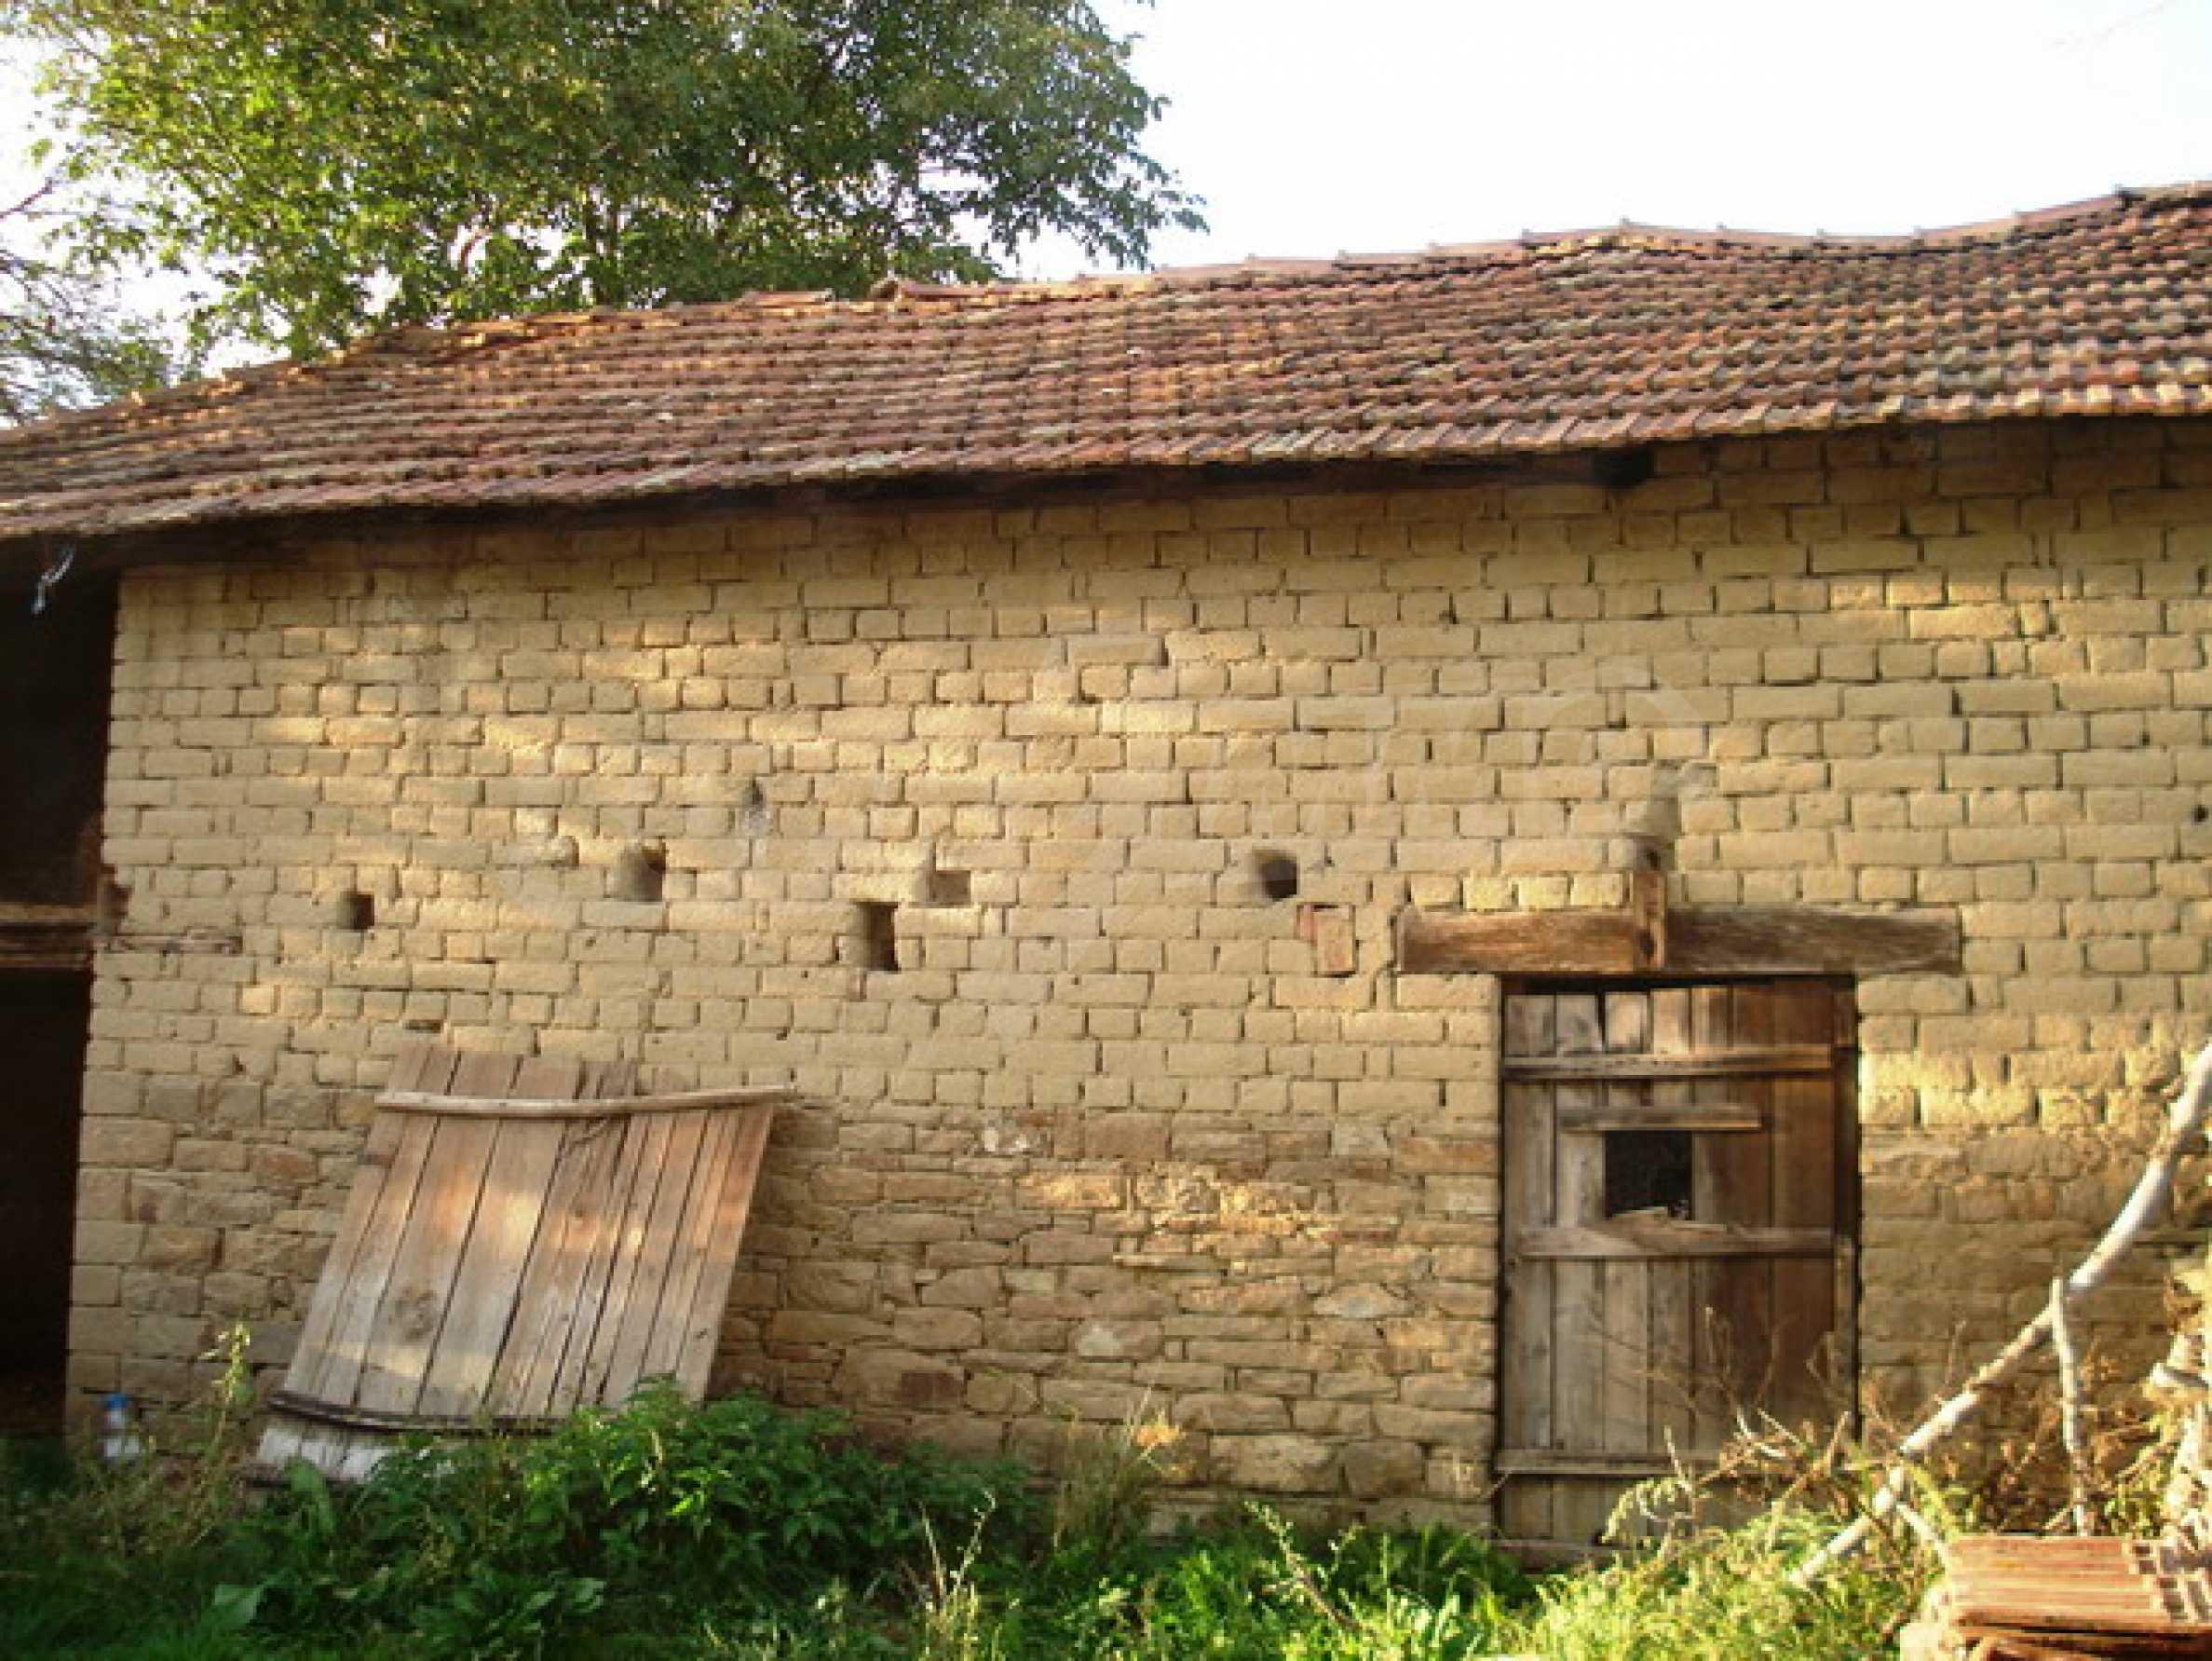 Brick-built village house 9